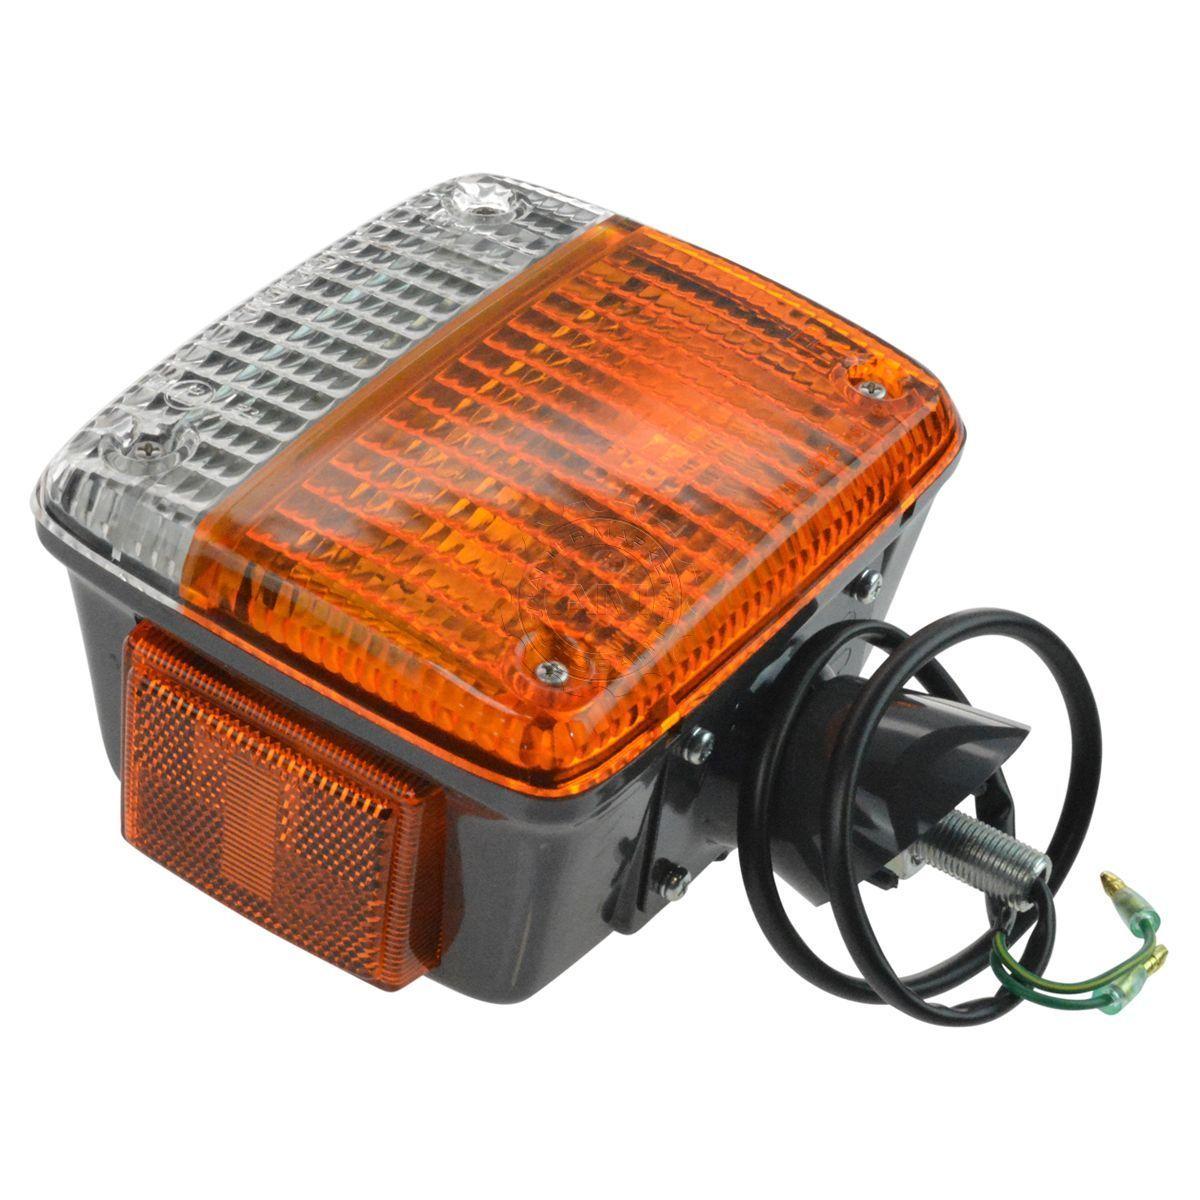 コーナーライト OEM Turn Signal Light Lamp Passenger Right RH for Toyota FJ40 Land Cruiser New トヨタFJ40ランドクルーザーのためのOEMターン信号ライトランプ乗客右RH新しい